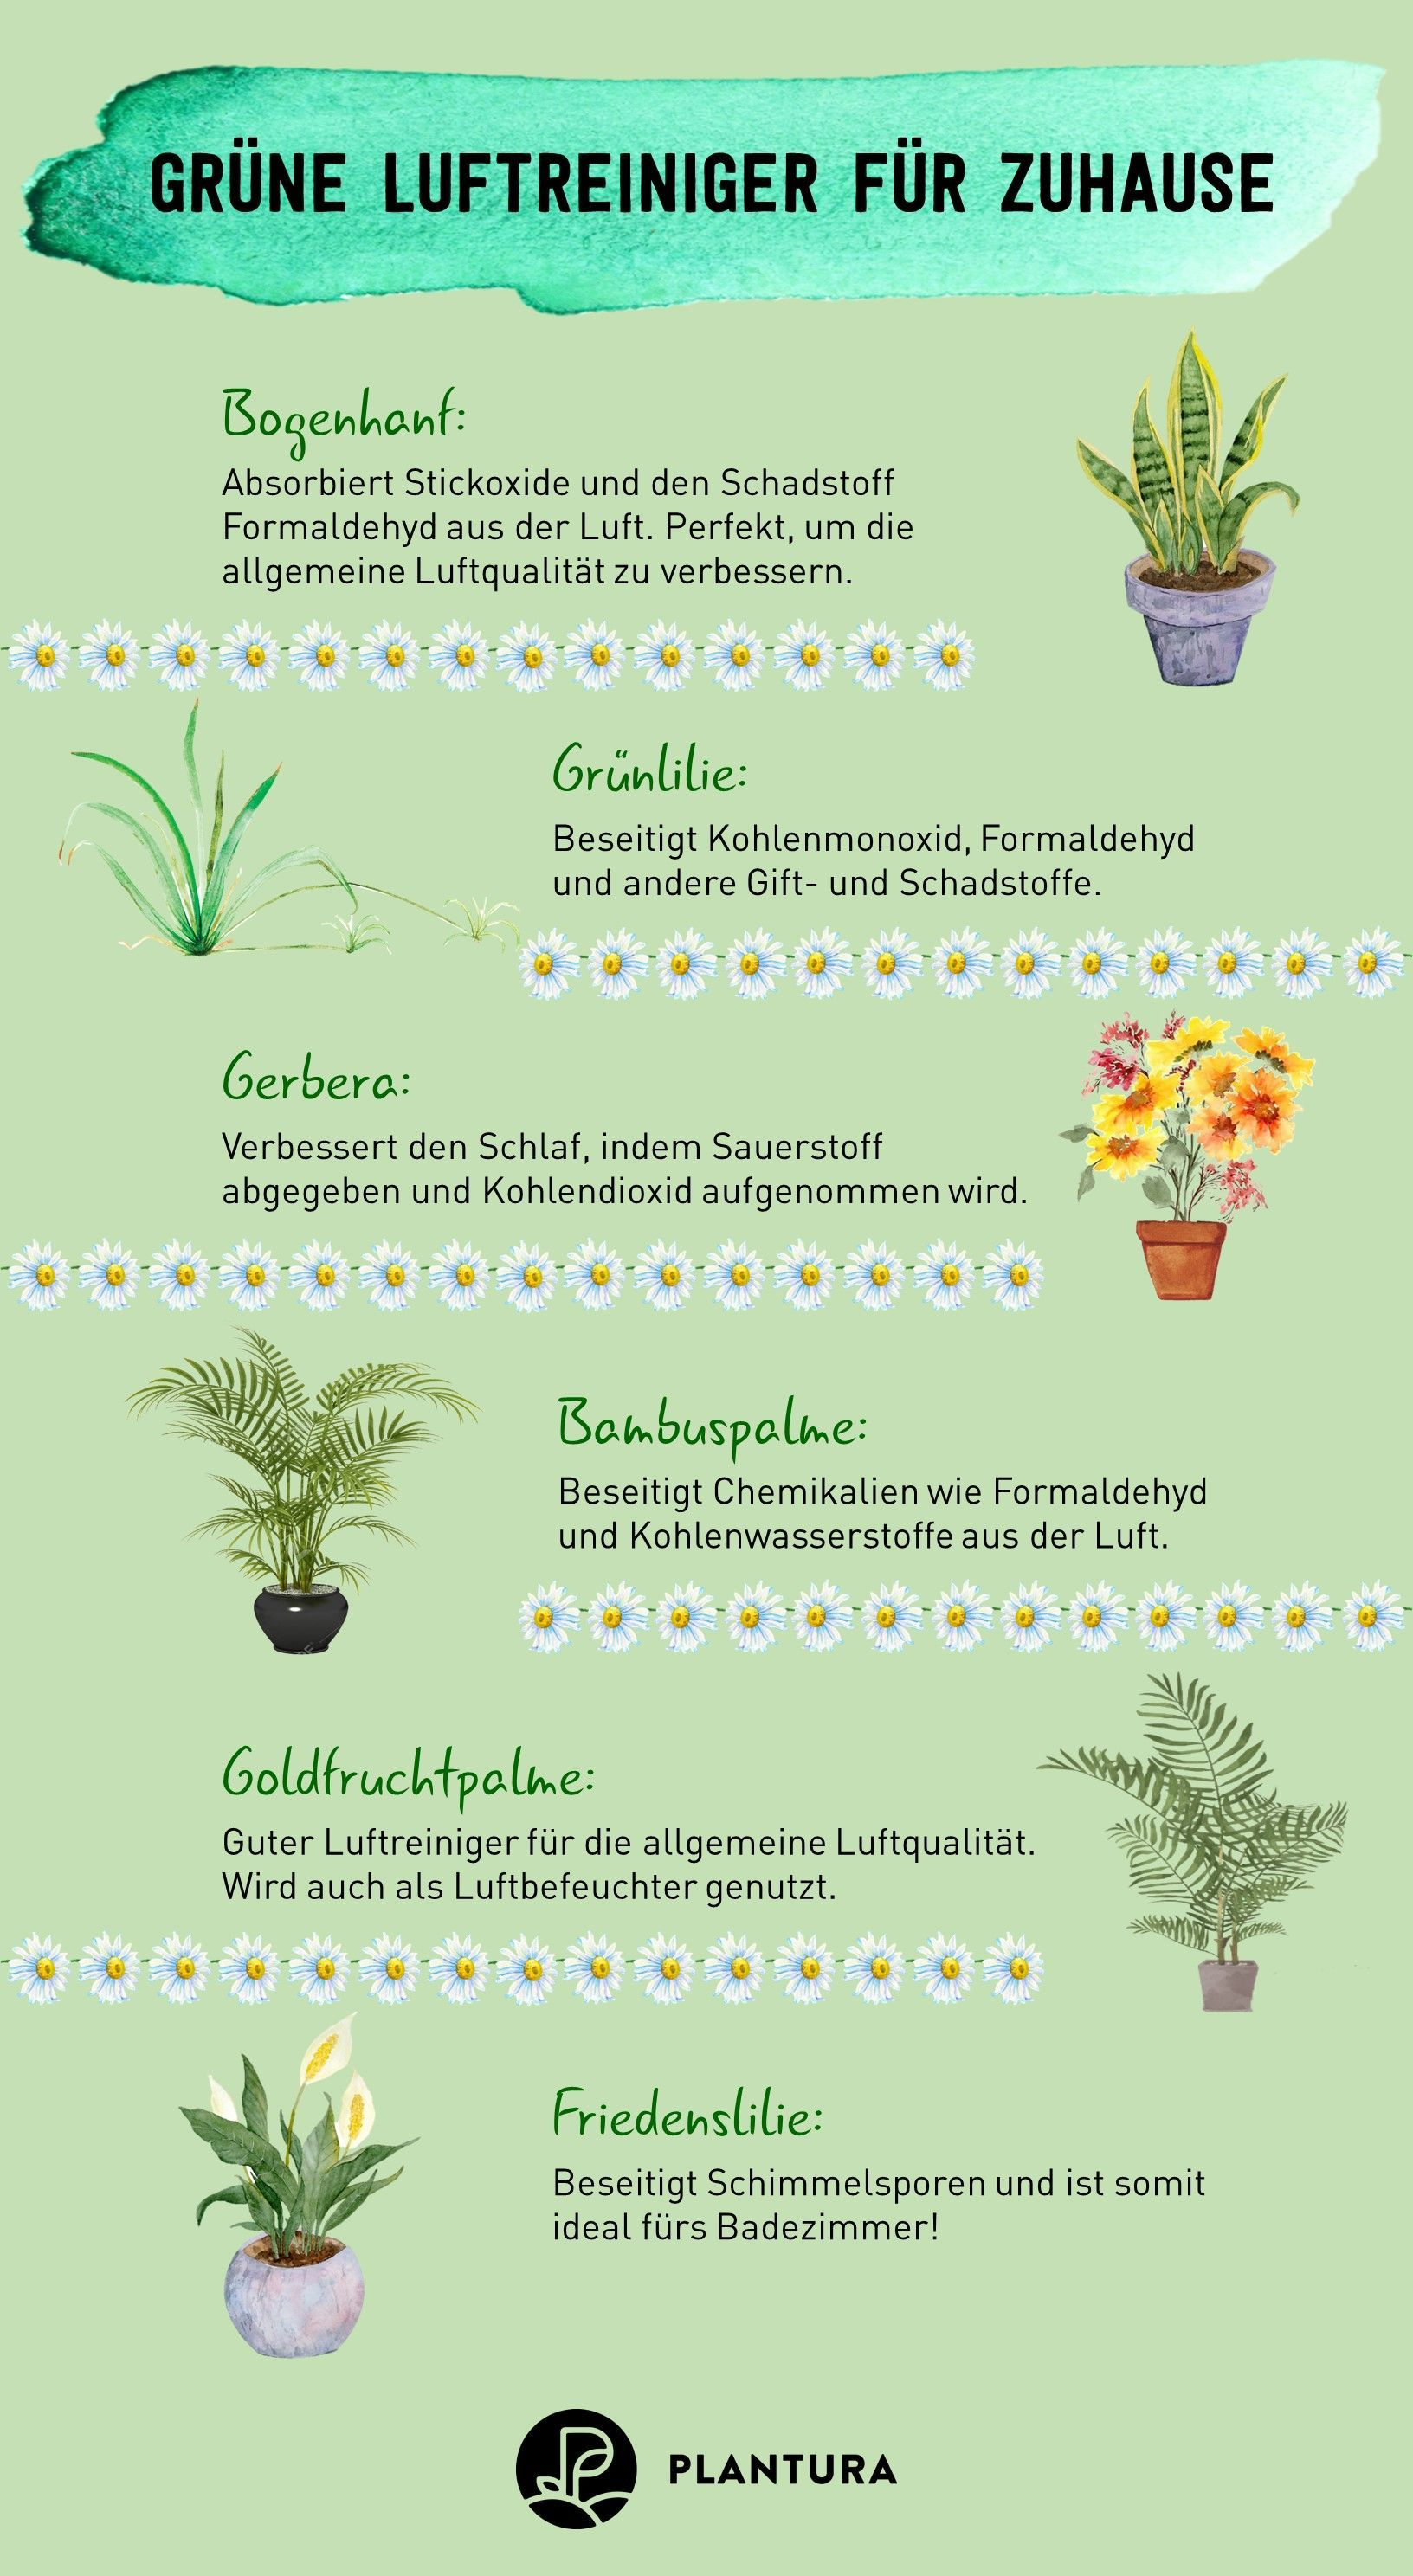 Luftreinigende Pflanzen: Die Top 10 – Plantura